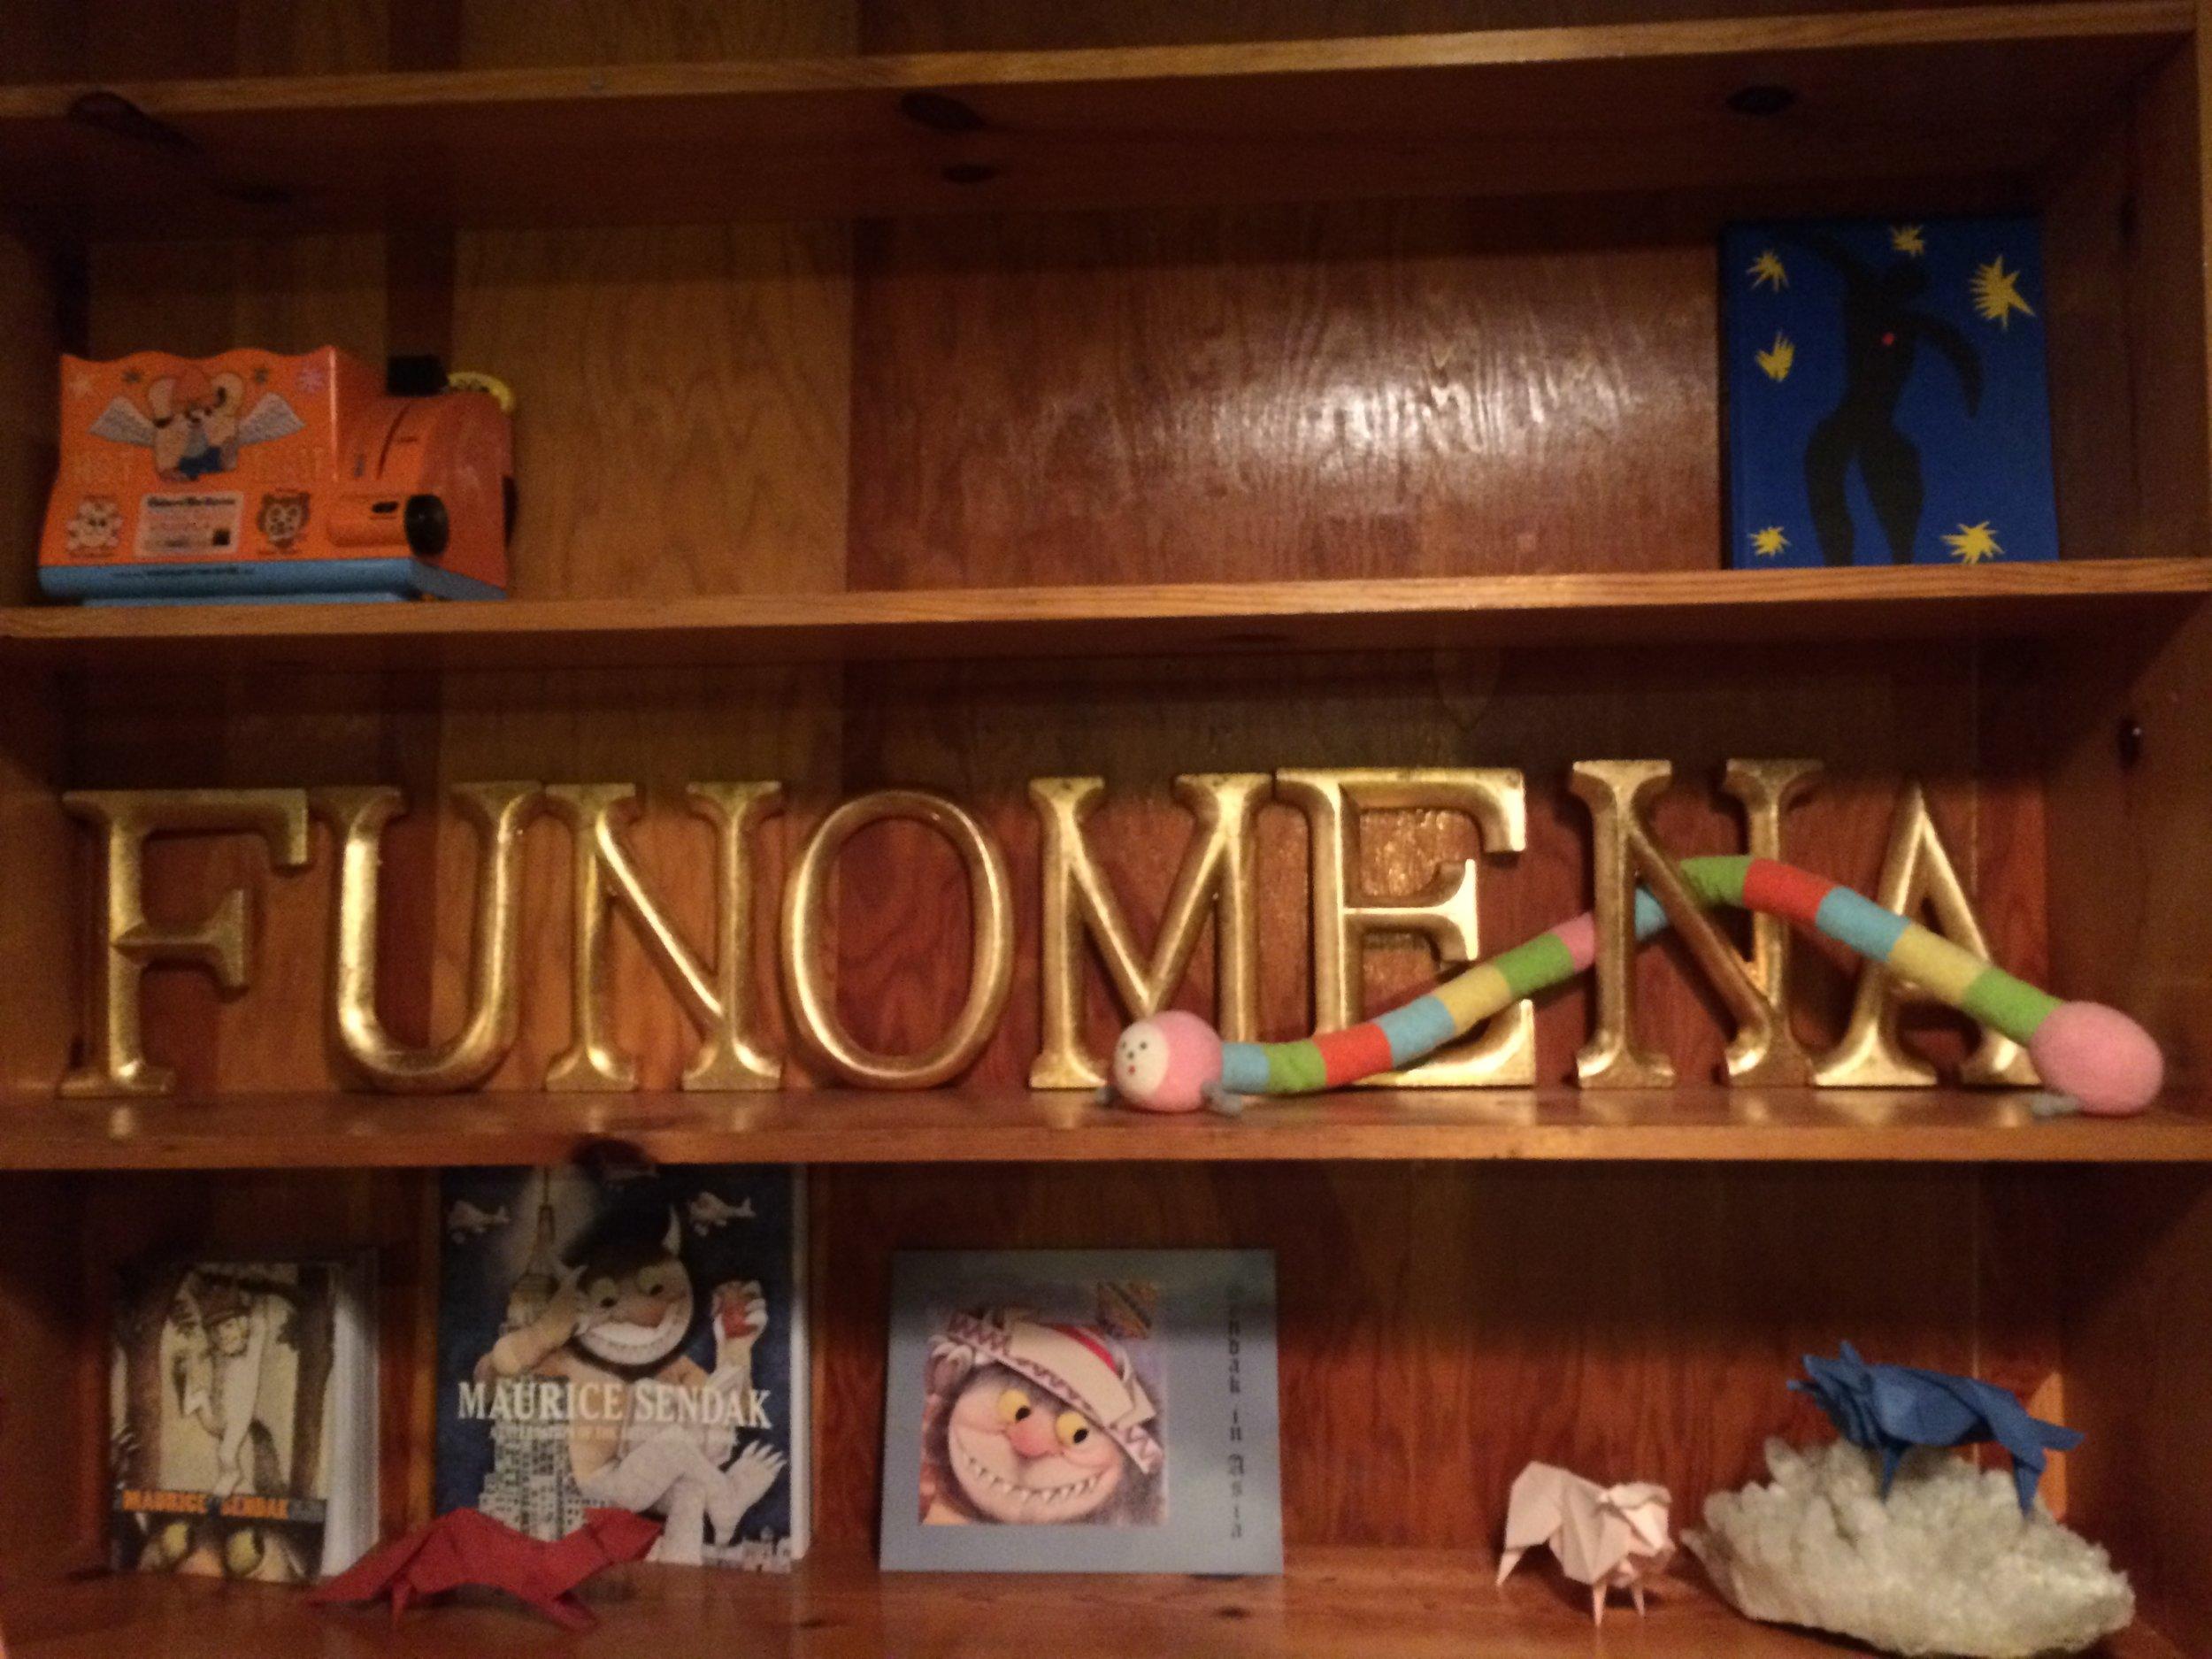 funomena_1.jpg